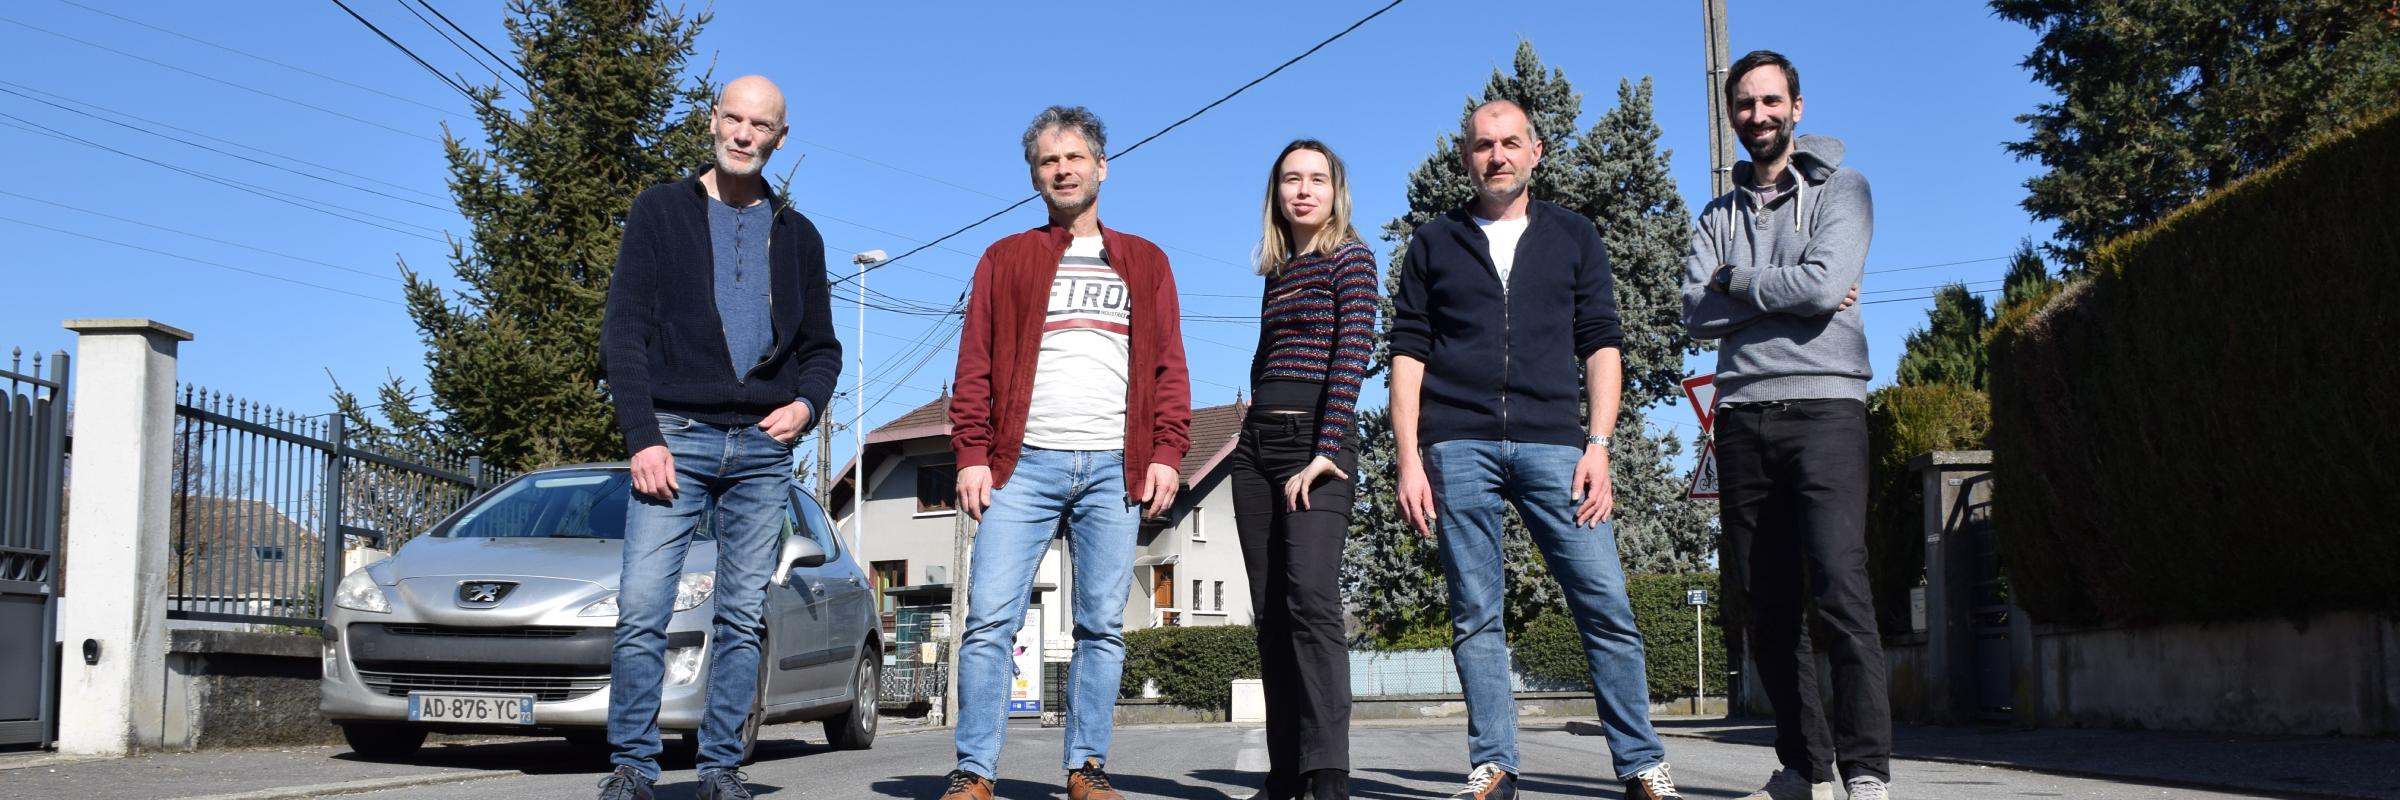 Groop 32, groupe de musique Rock en représentation à Savoie - photo de couverture n° 1